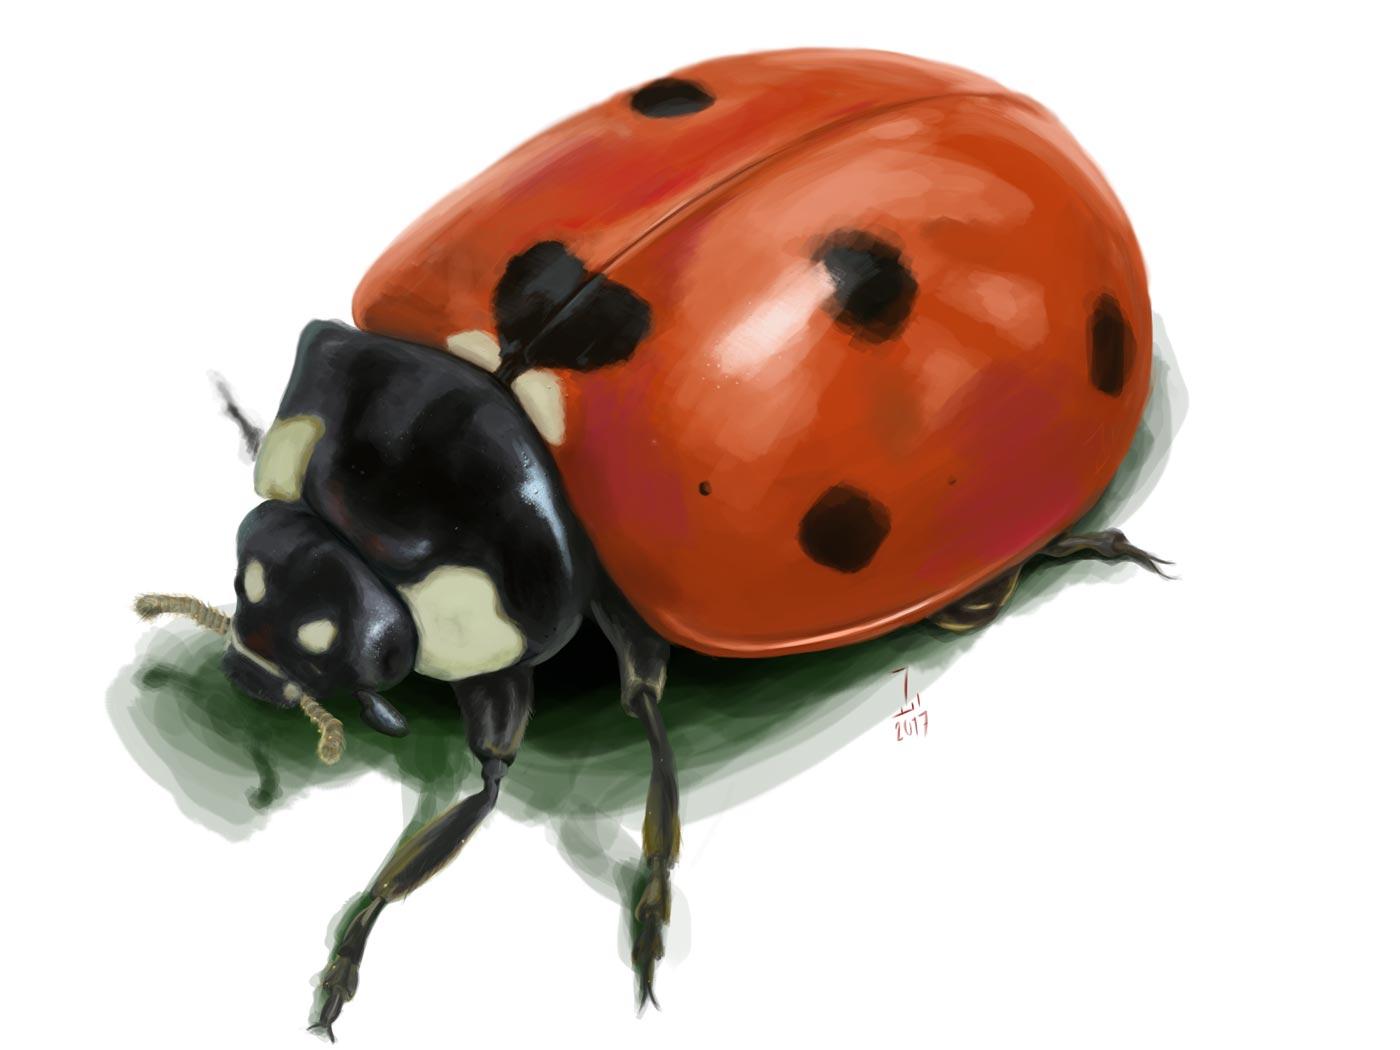 Ladybug Exercise - Photoshop Practice - Ahmad Ajlouny